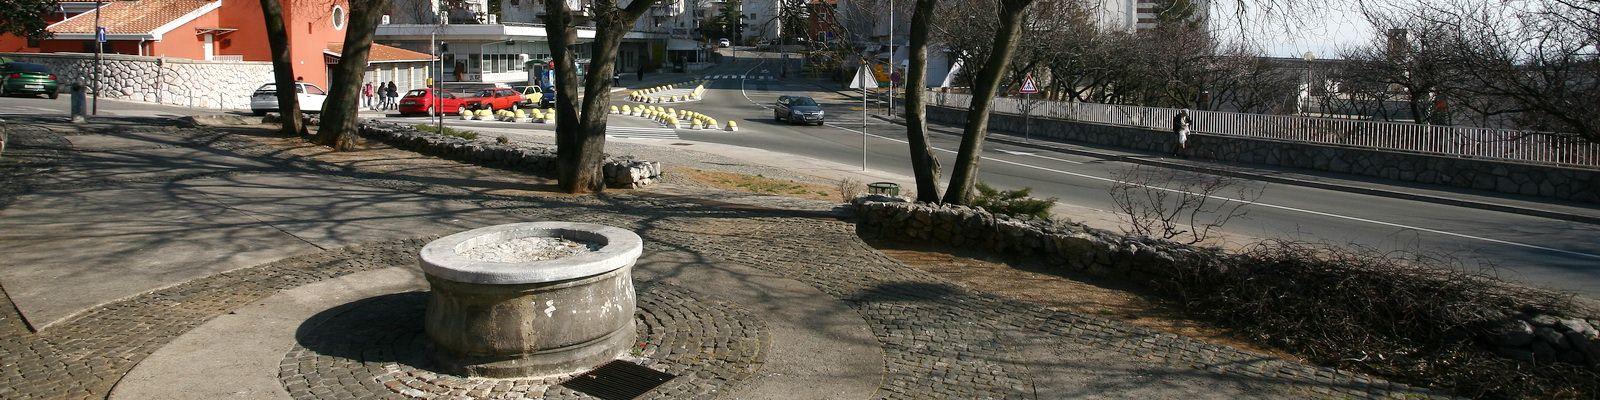 Podvežica fontana